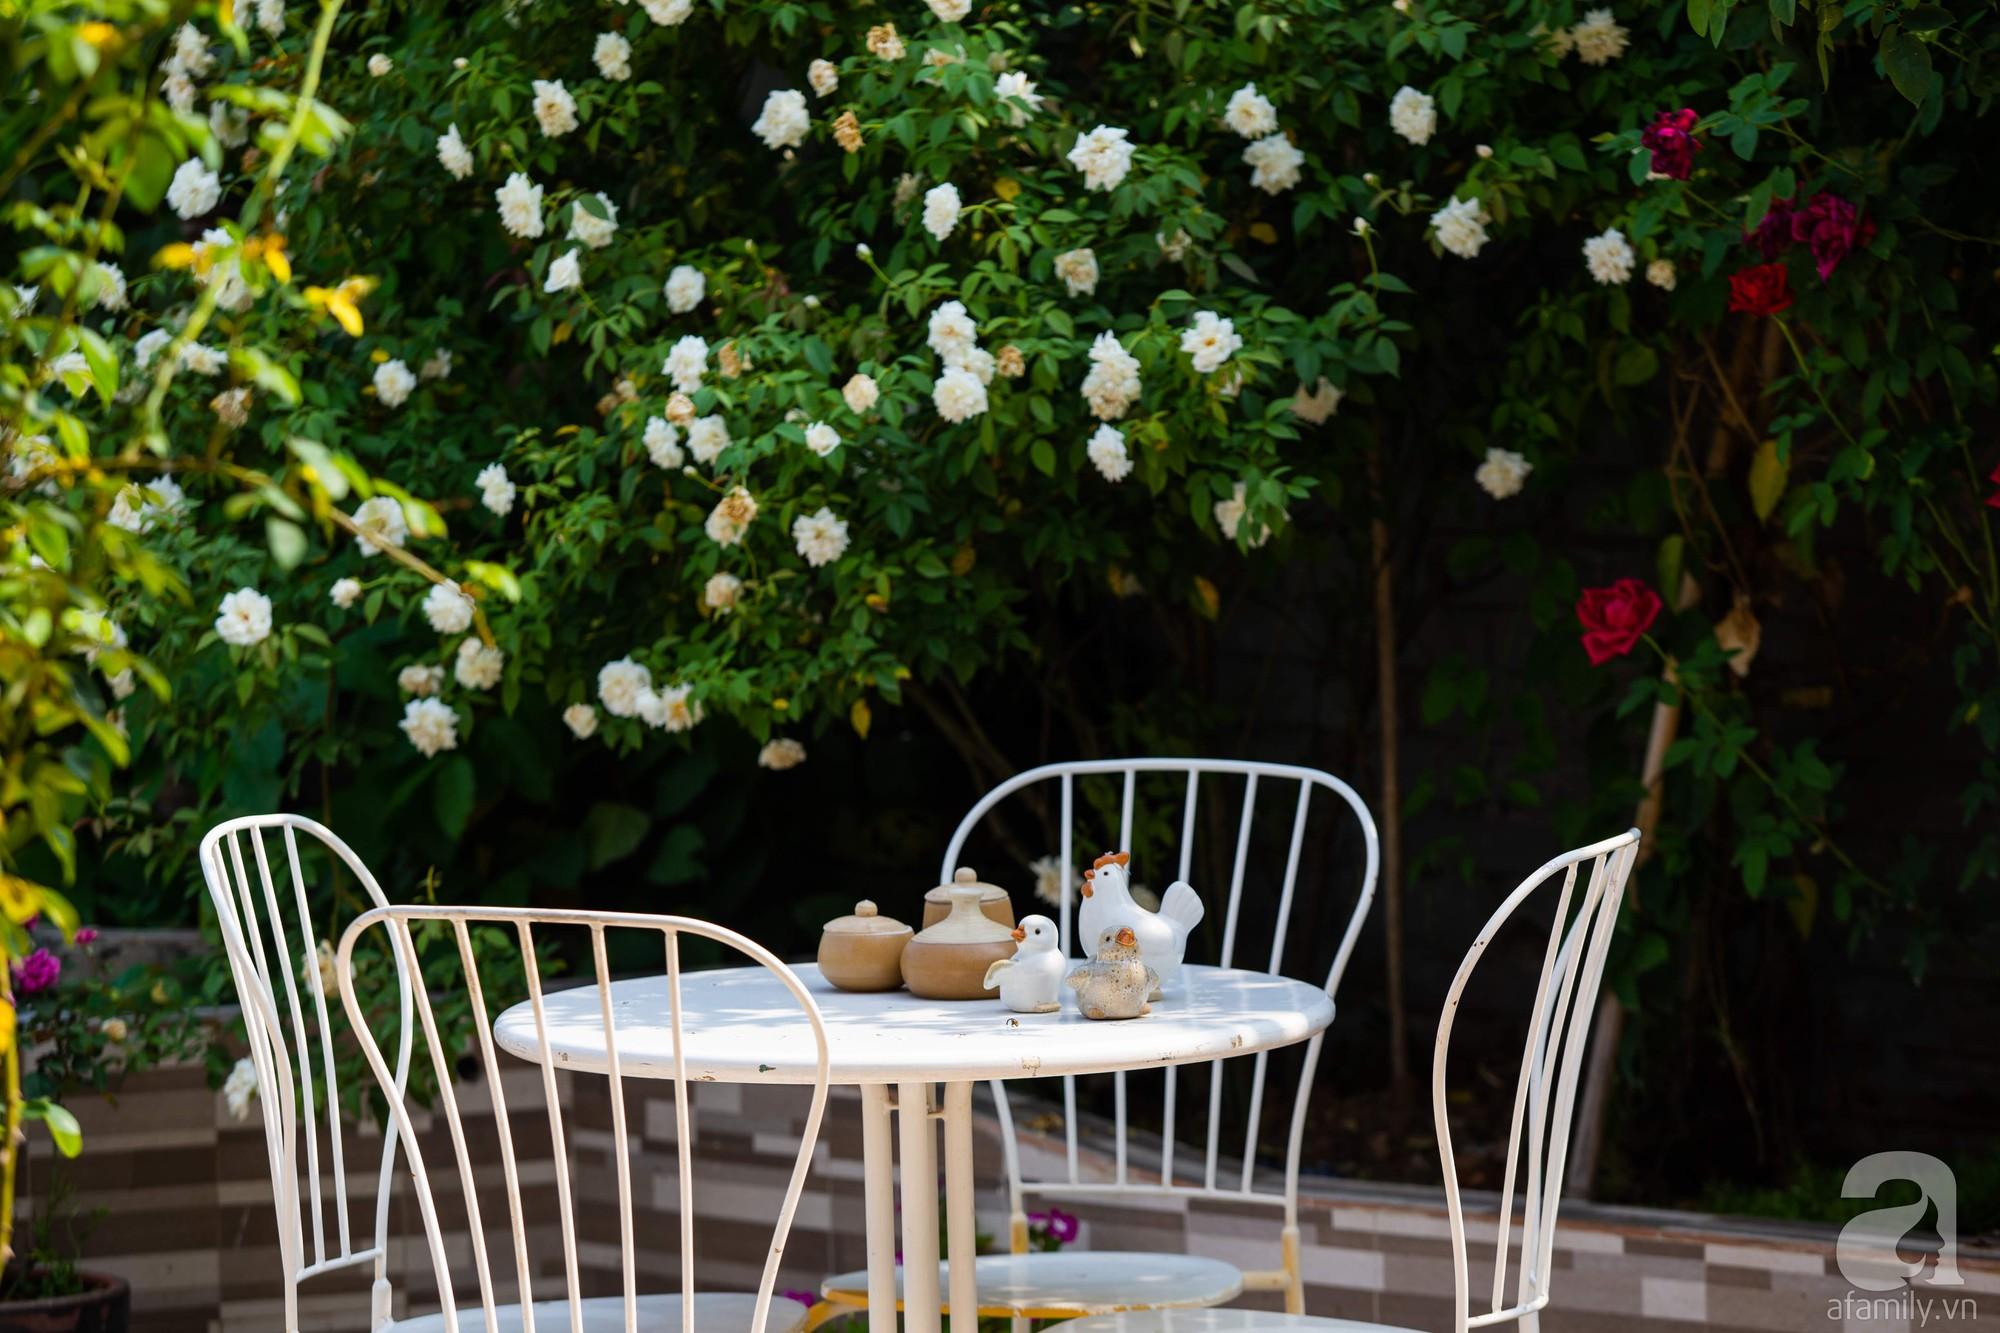 Khu vườn trên sân thượng rộng 200m² đẹp ngỡ ngàng với trăm loài hoa đua nhau khoe sắc ở Hà Nội - Ảnh 9.